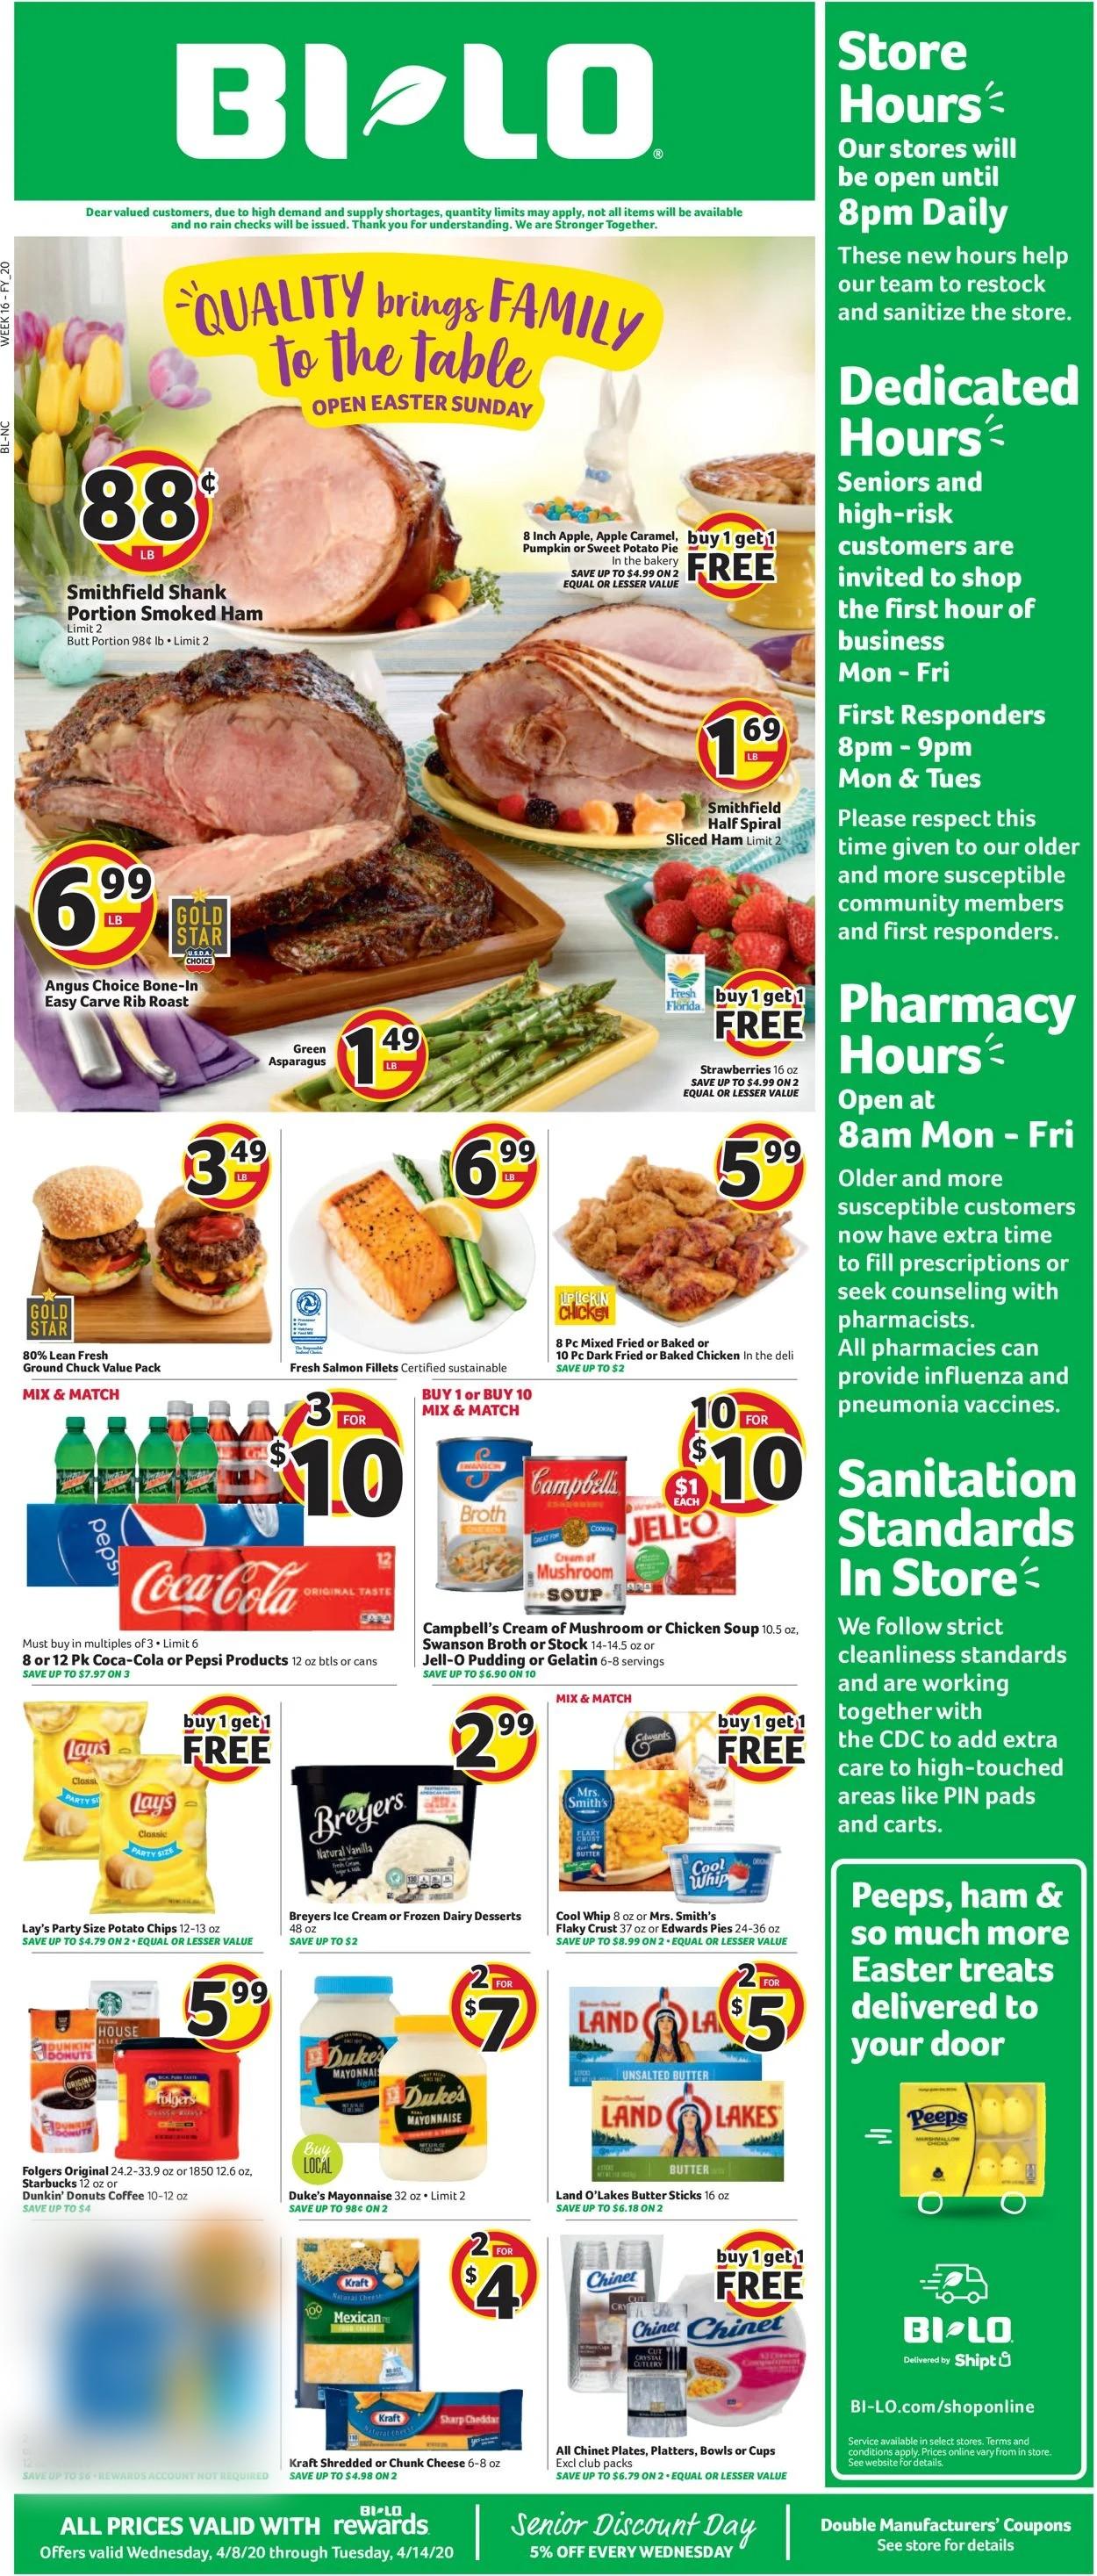 BI-LO Weekly Ad Circular - valid 04/08-04/14/2020